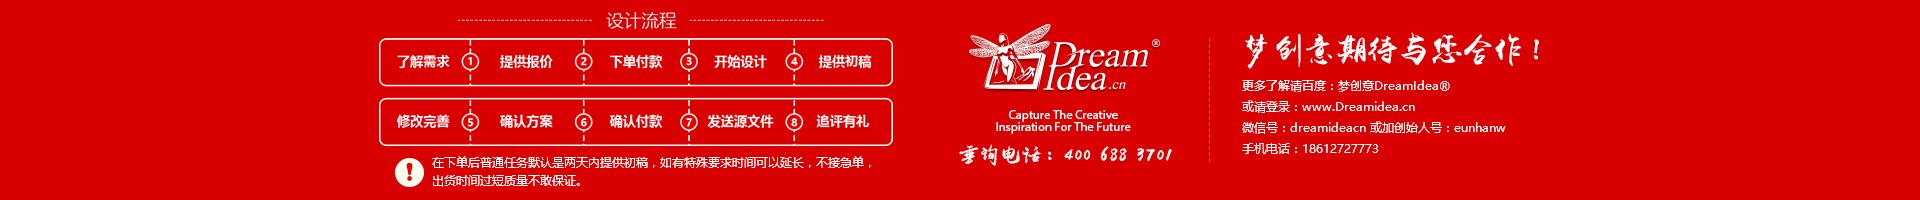 梦创意主要提供梦创意新媒体品牌设计服务.